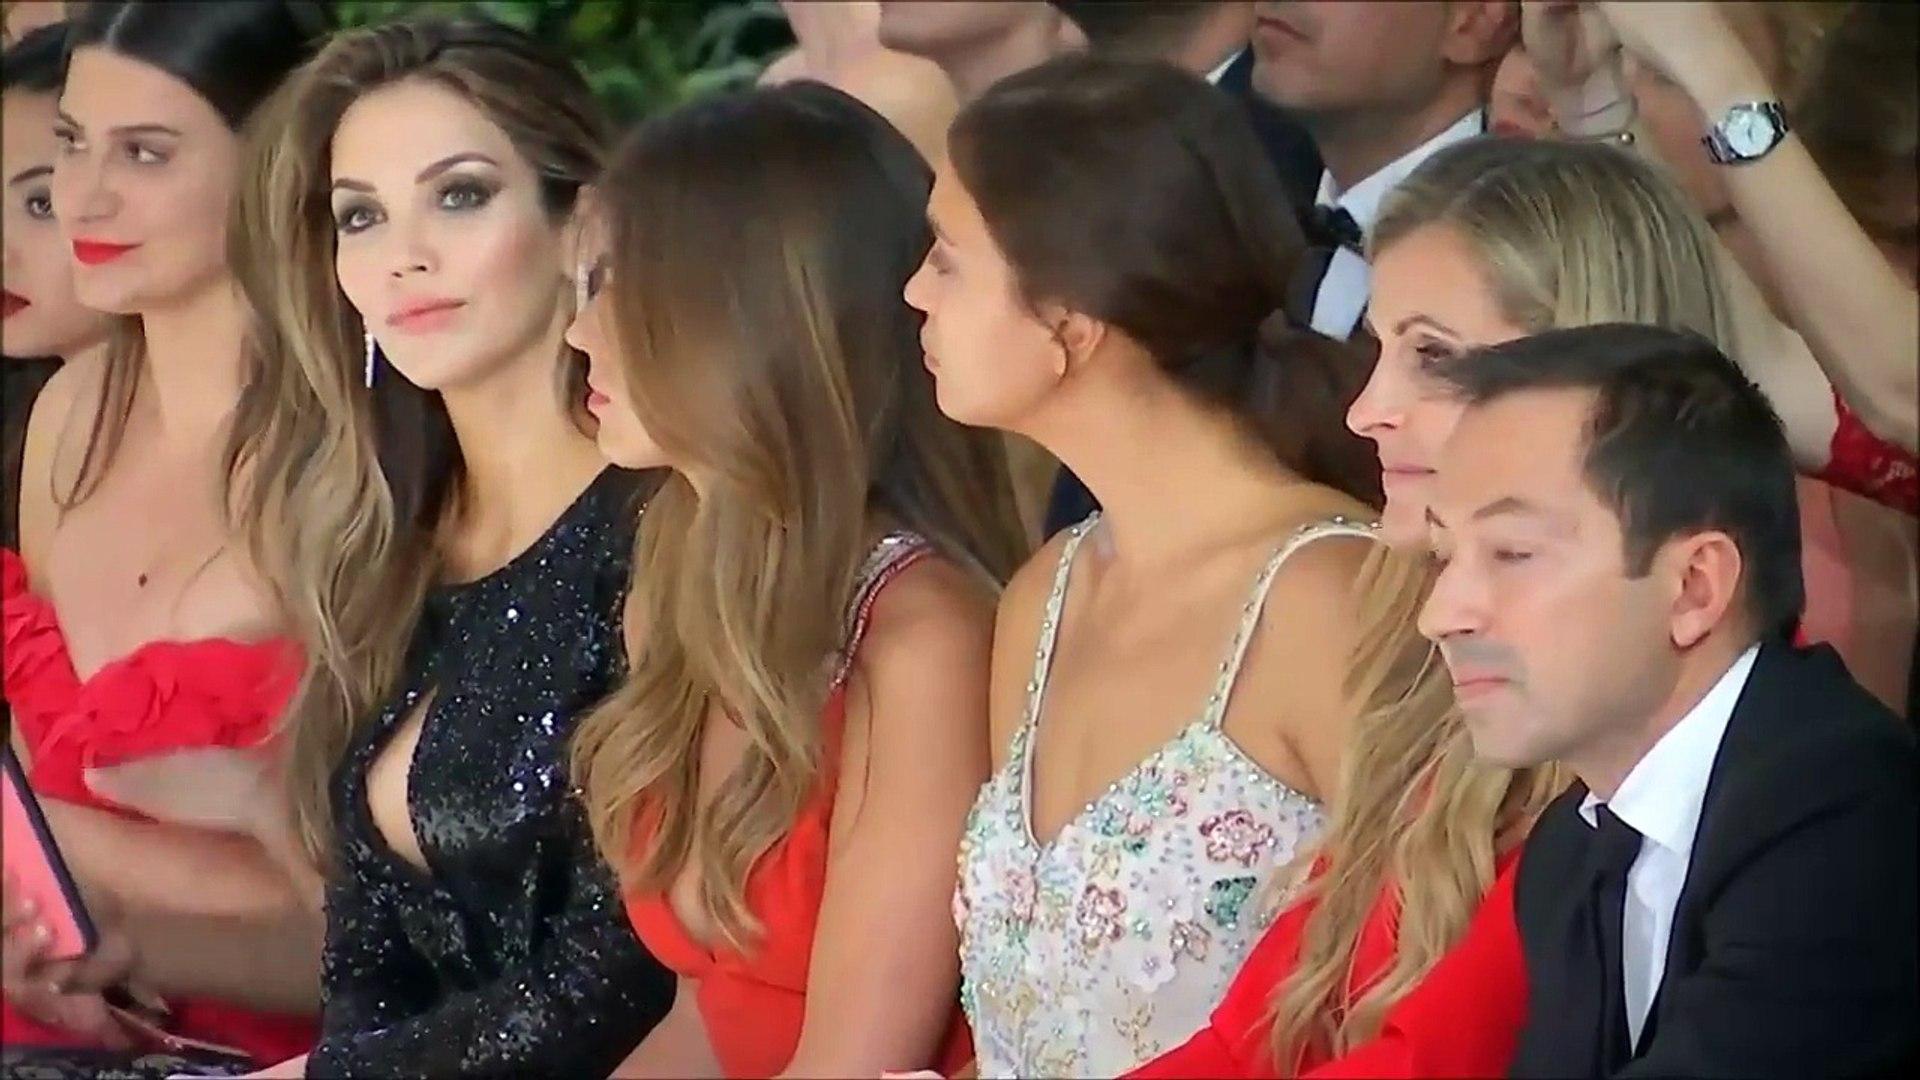 'Beautiful models, beautiful dresses' at bridal show - model Irina Shayk